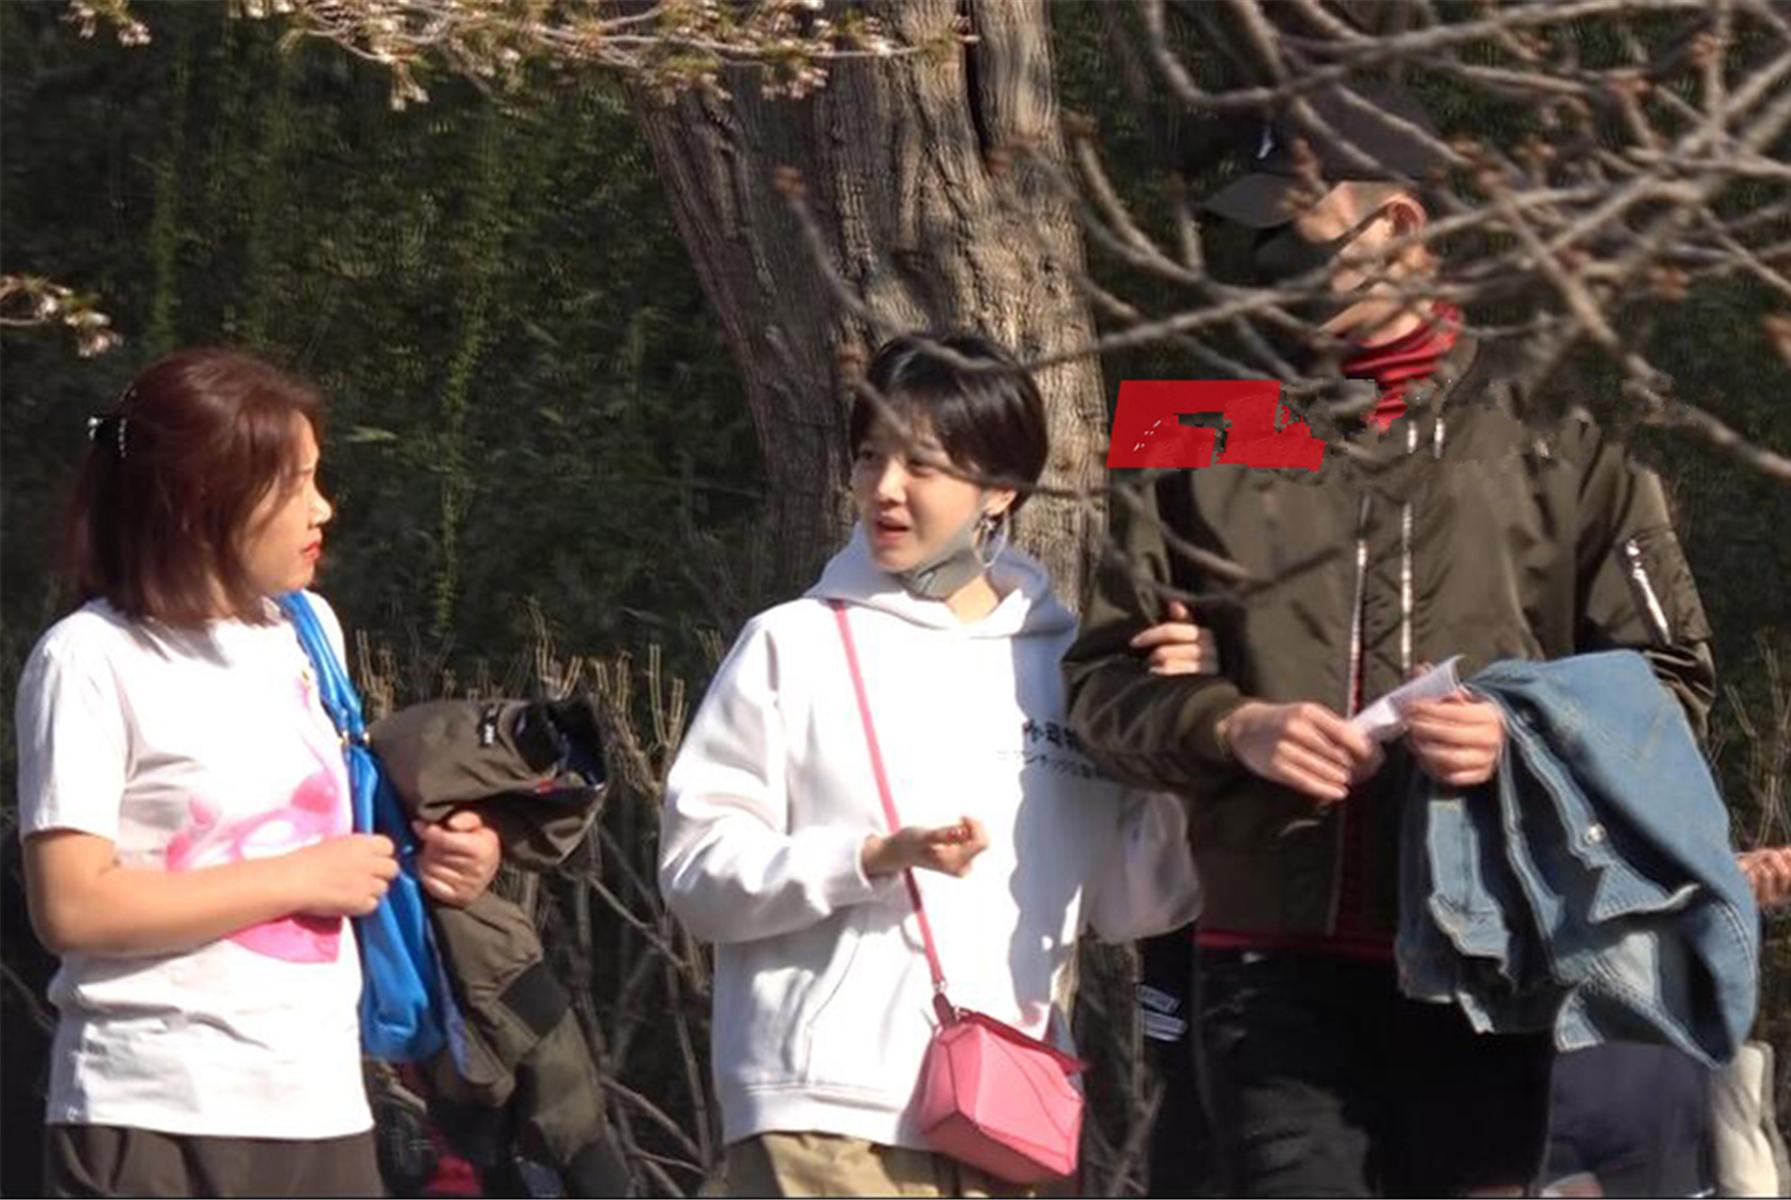 于小彤陈小纭恋情确认了,两人甜蜜牵手陪家人逛公园,似热恋情侣